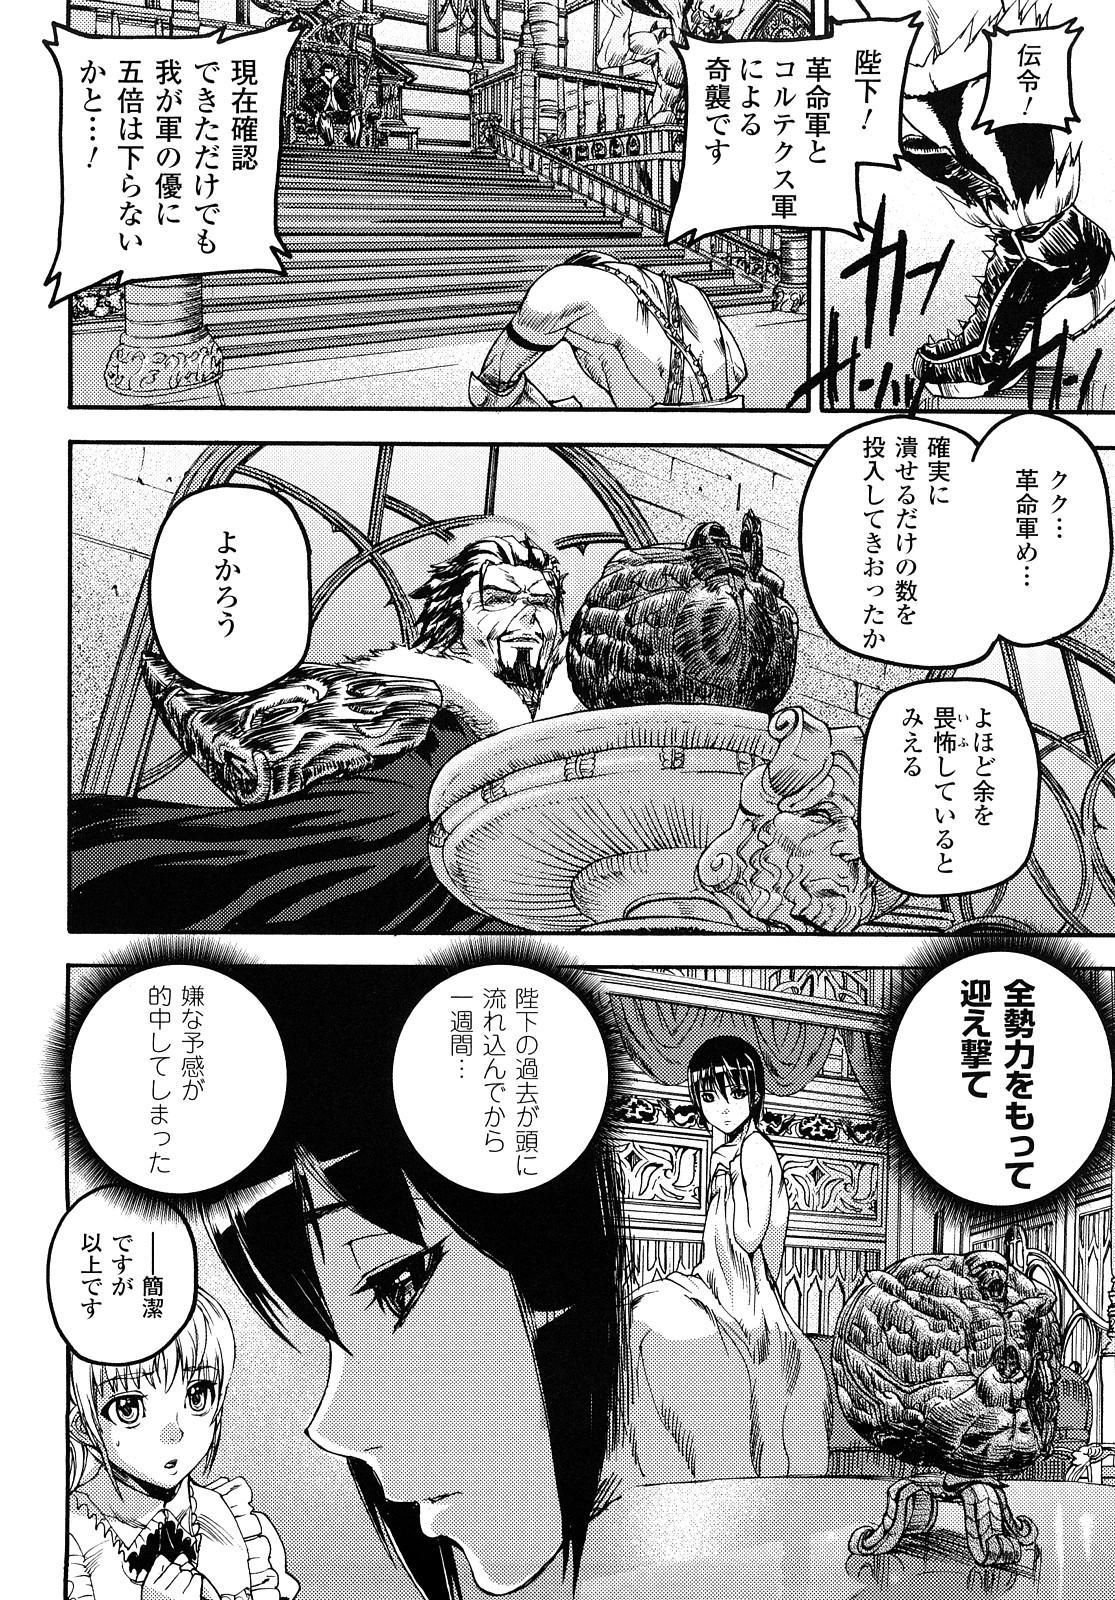 Cerberum no Hitsugi Haitoku no Hanmegami - The Coffin of Cerebrum Immoral Demivenus 106